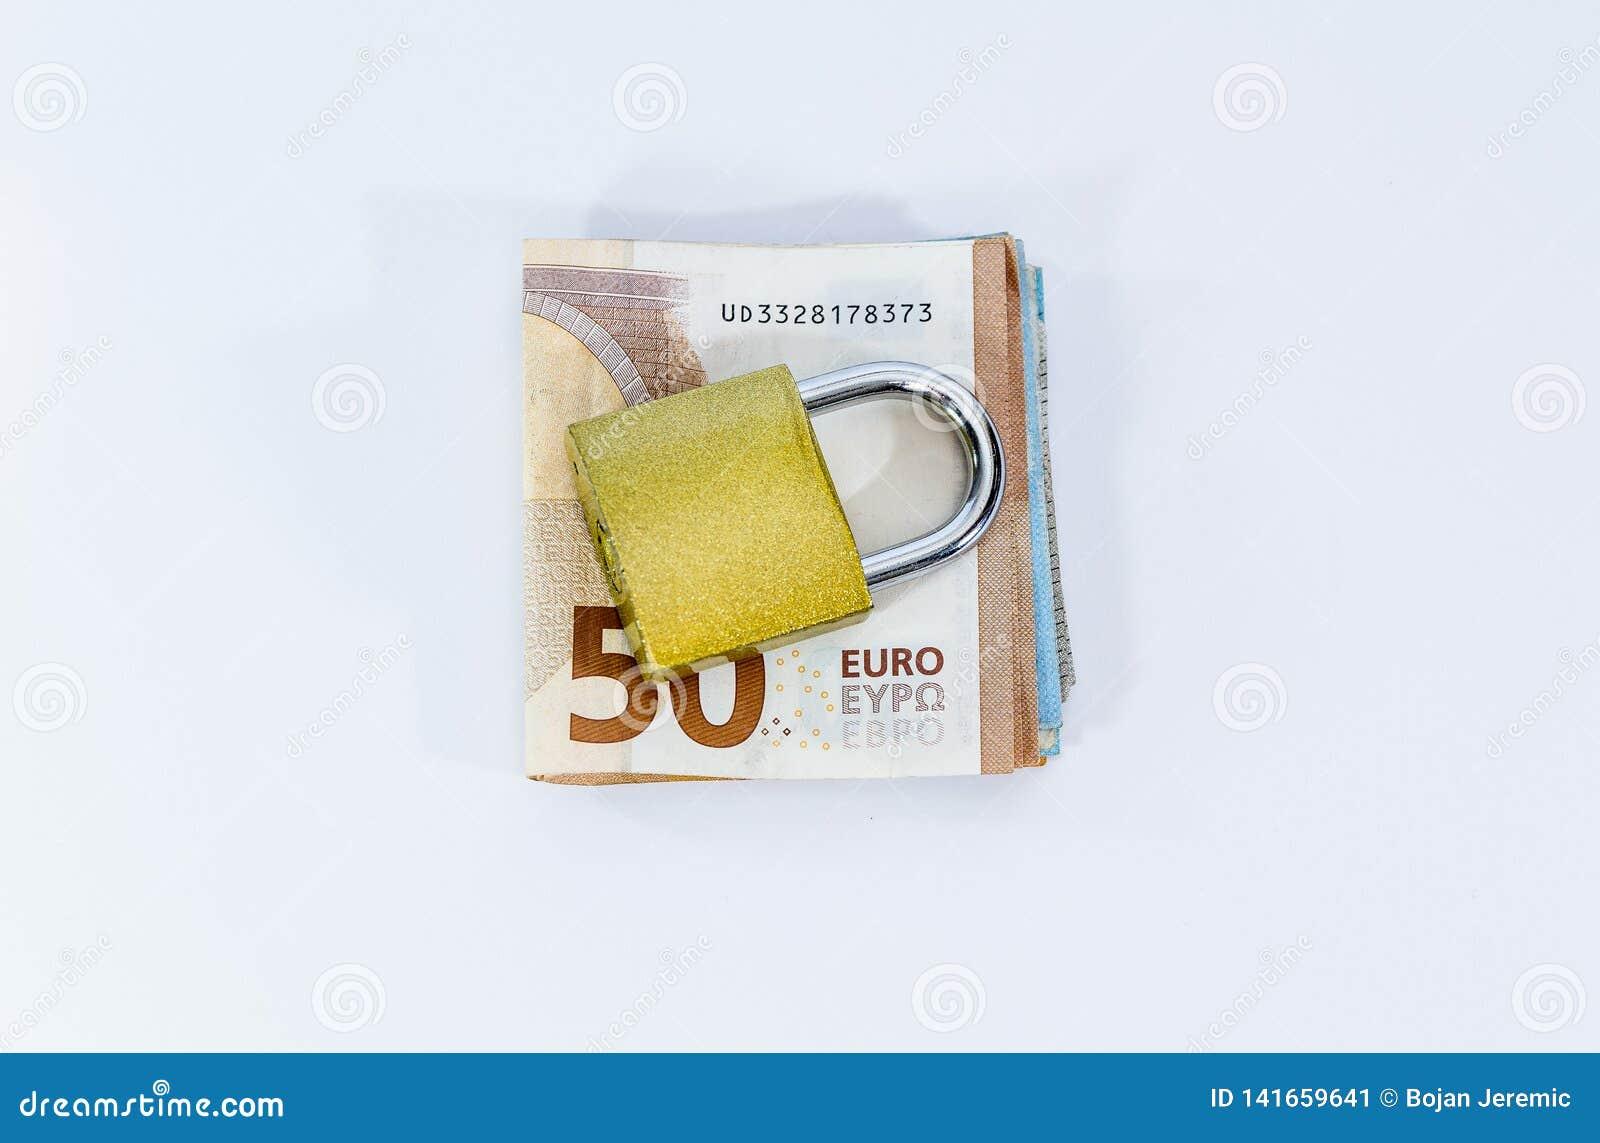 Billetes de banco euro del valor del dinero con el candado, sistema de pago de la unión europea